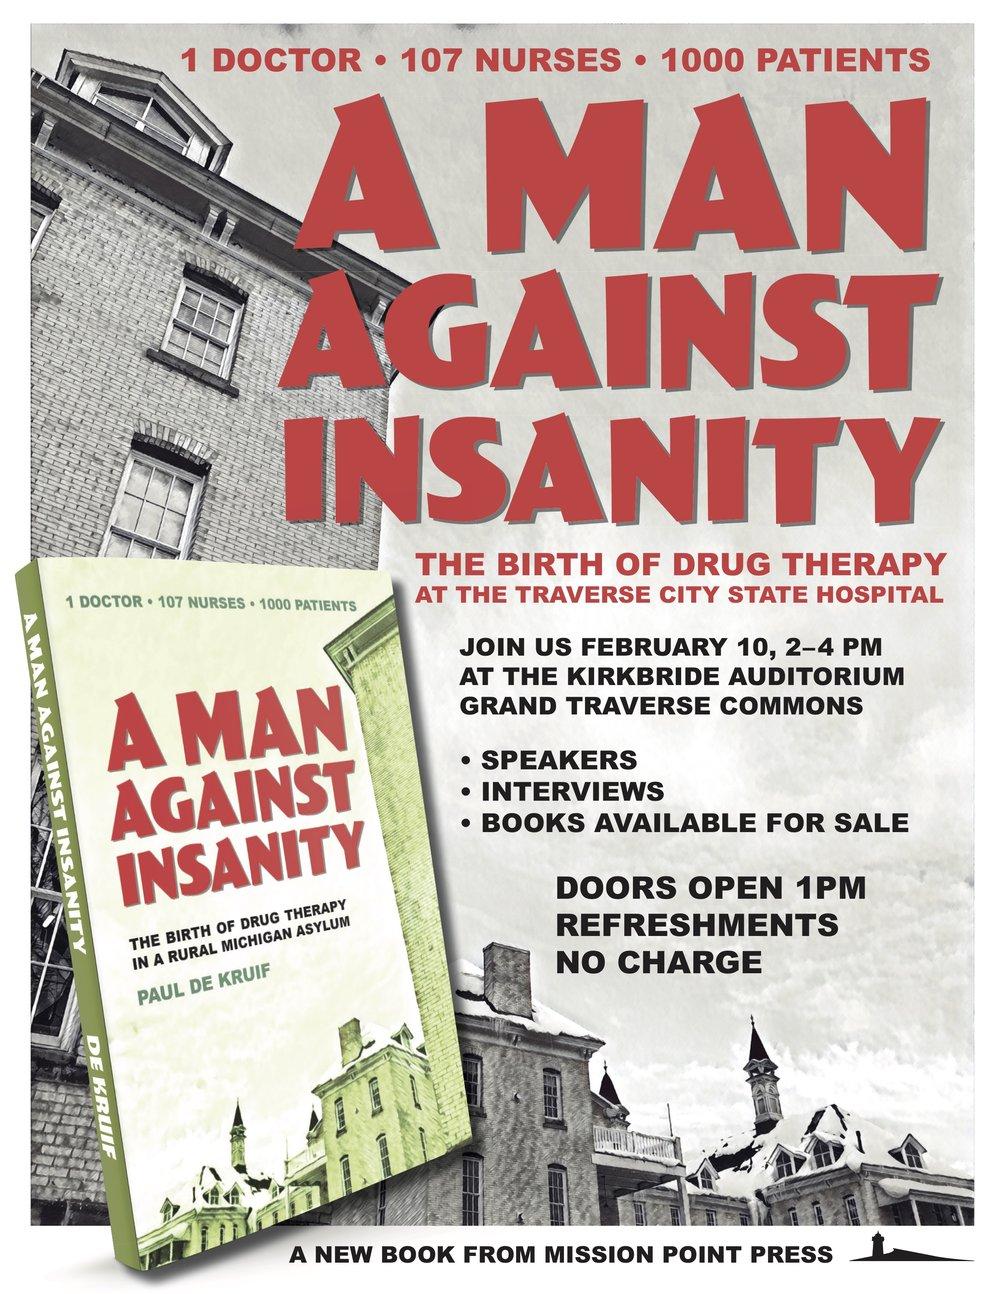 Insanity Poster.jpg